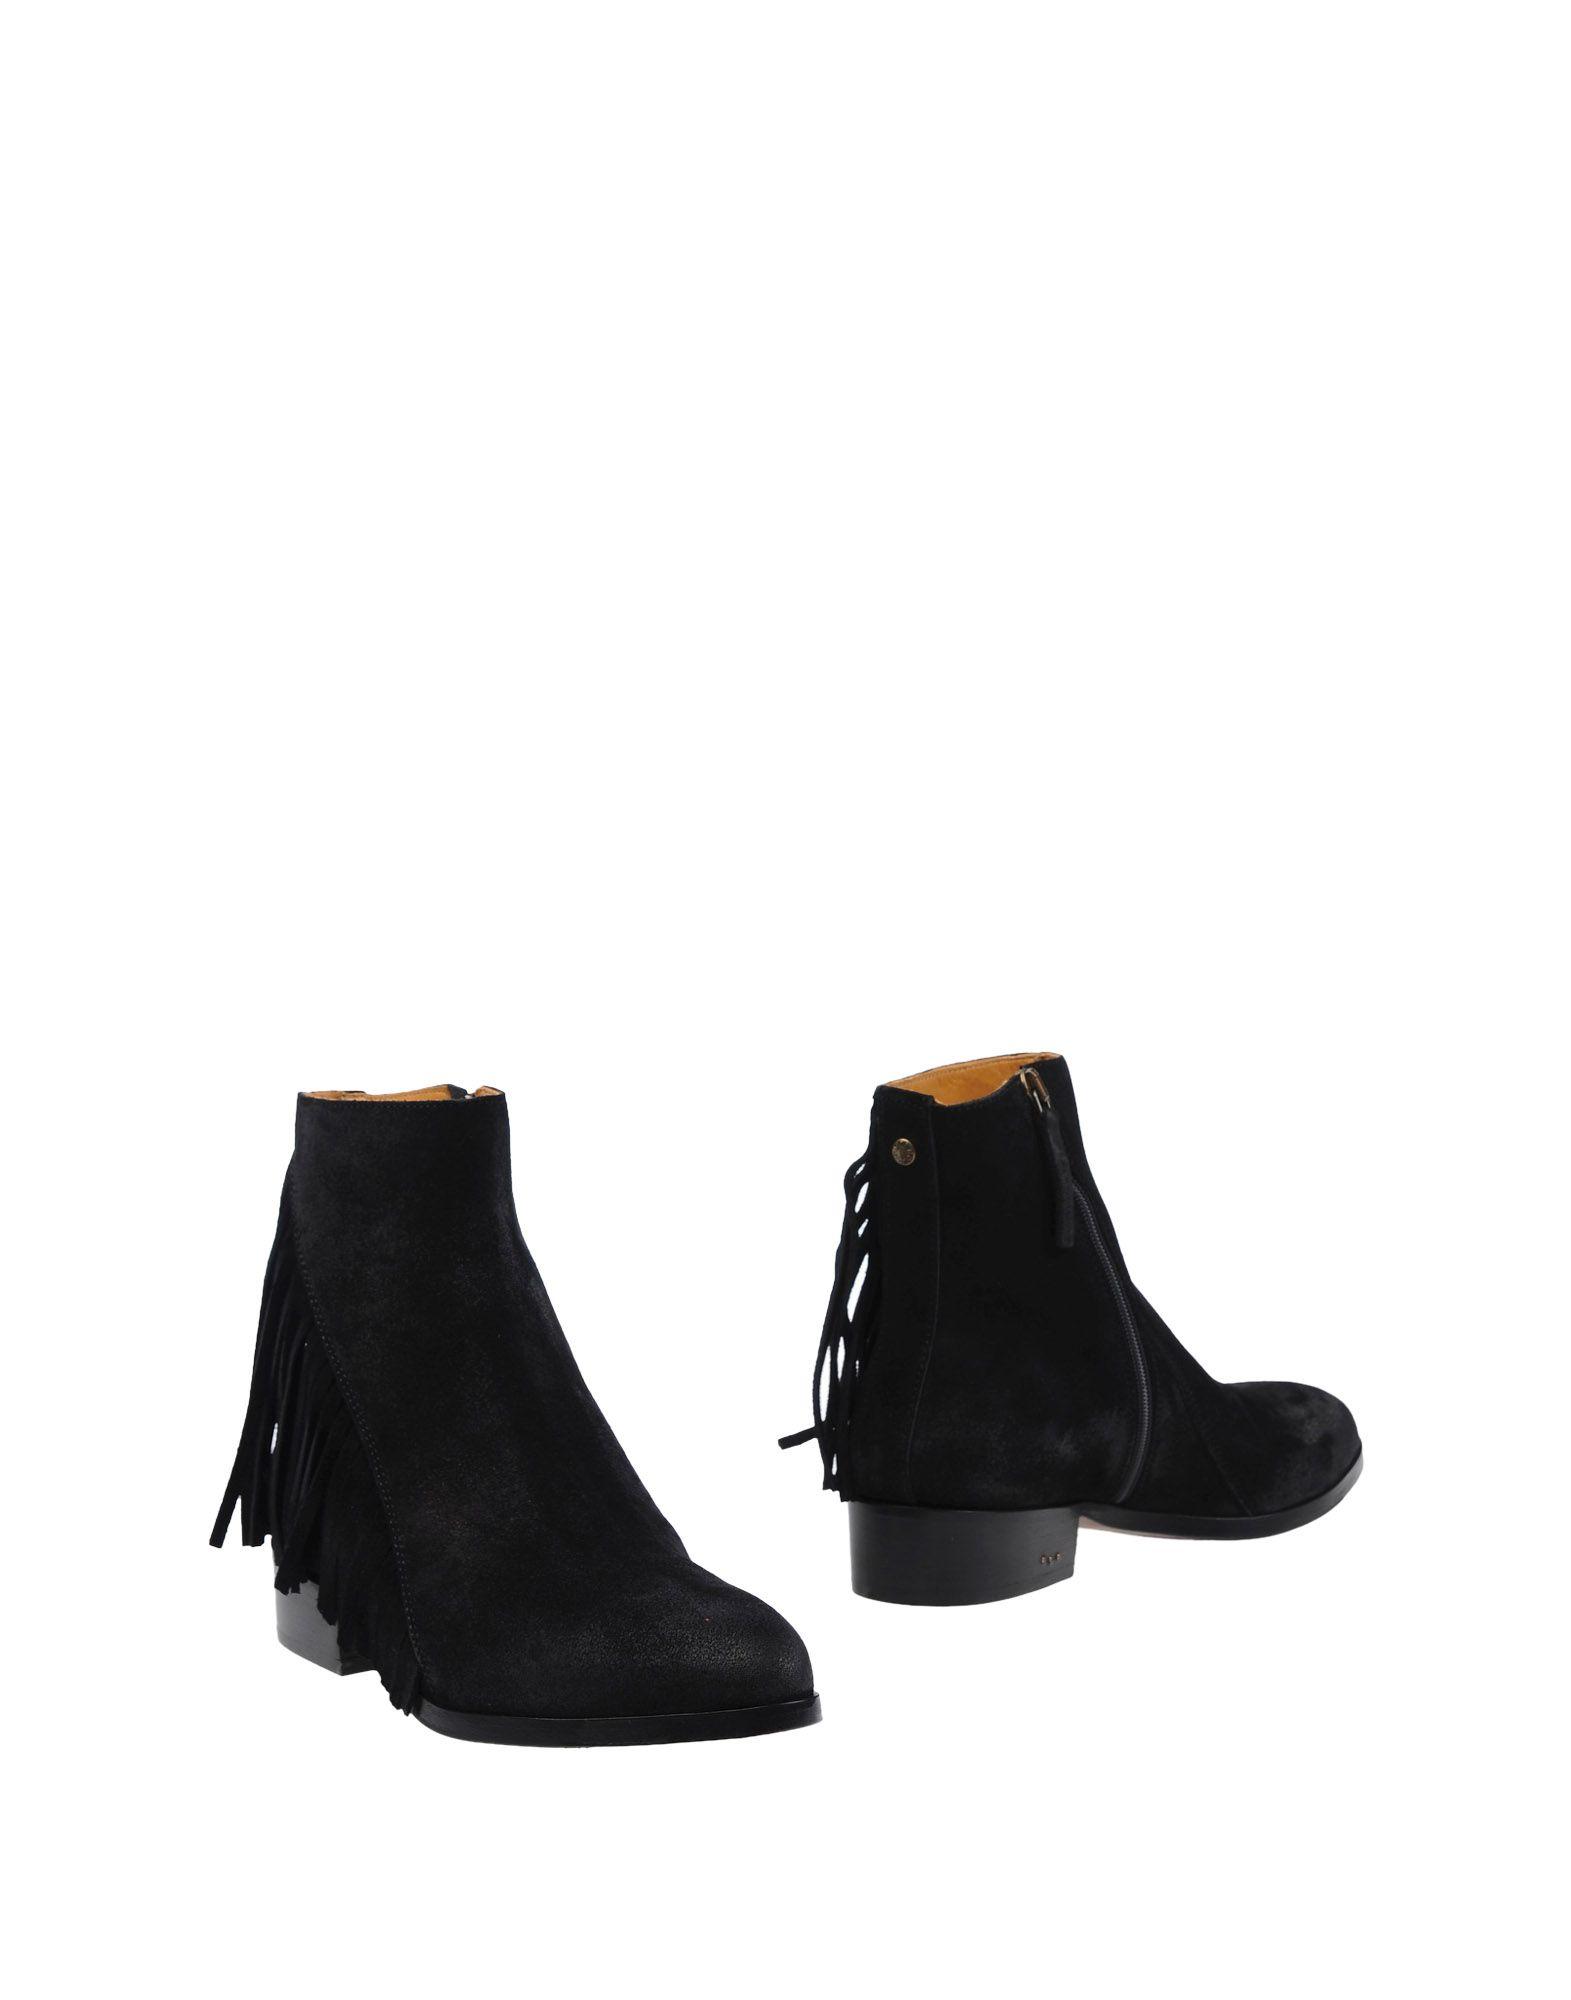 Buttero® Stiefelette Damen  11259460RK Gute Qualität beliebte Schuhe